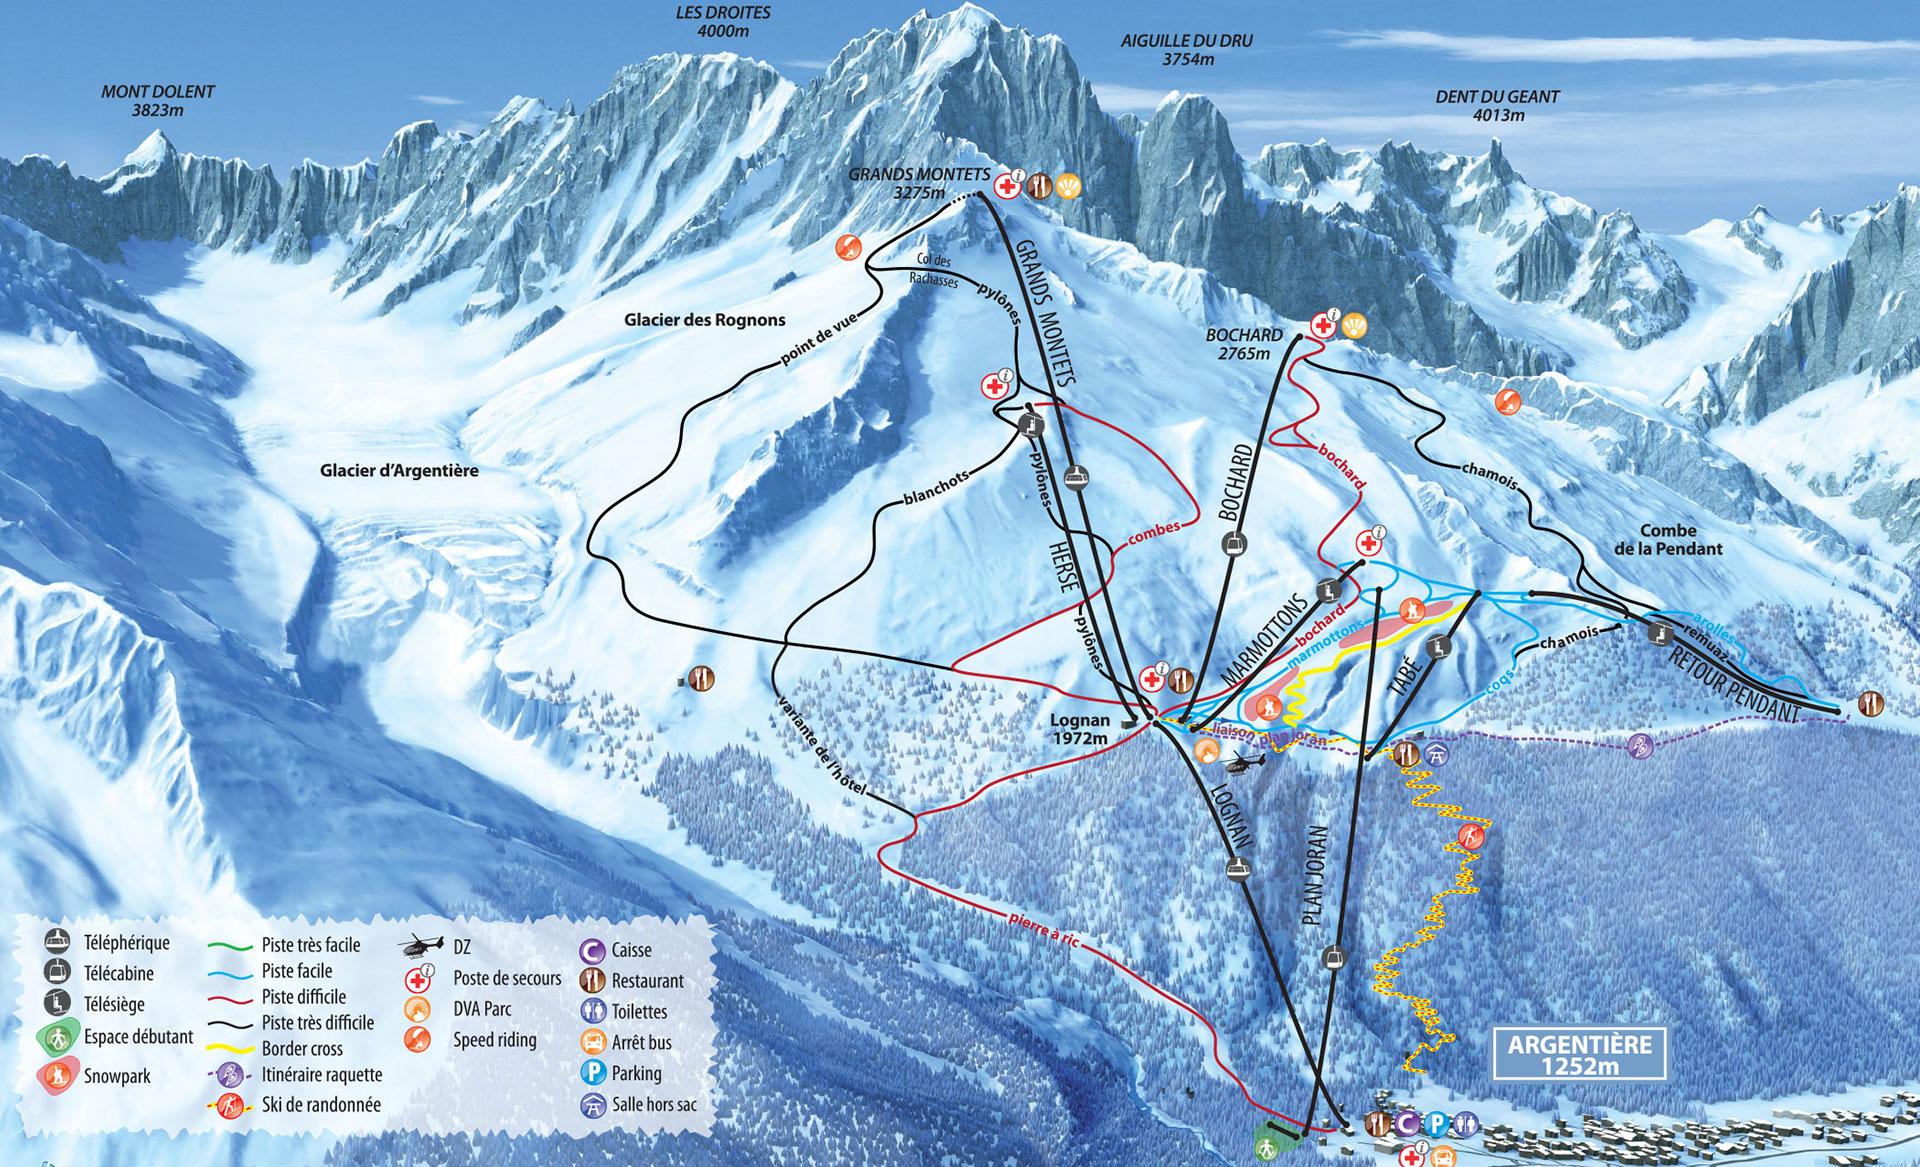 Lyžařská mapa sjezdovek areálu Les Grands Montets